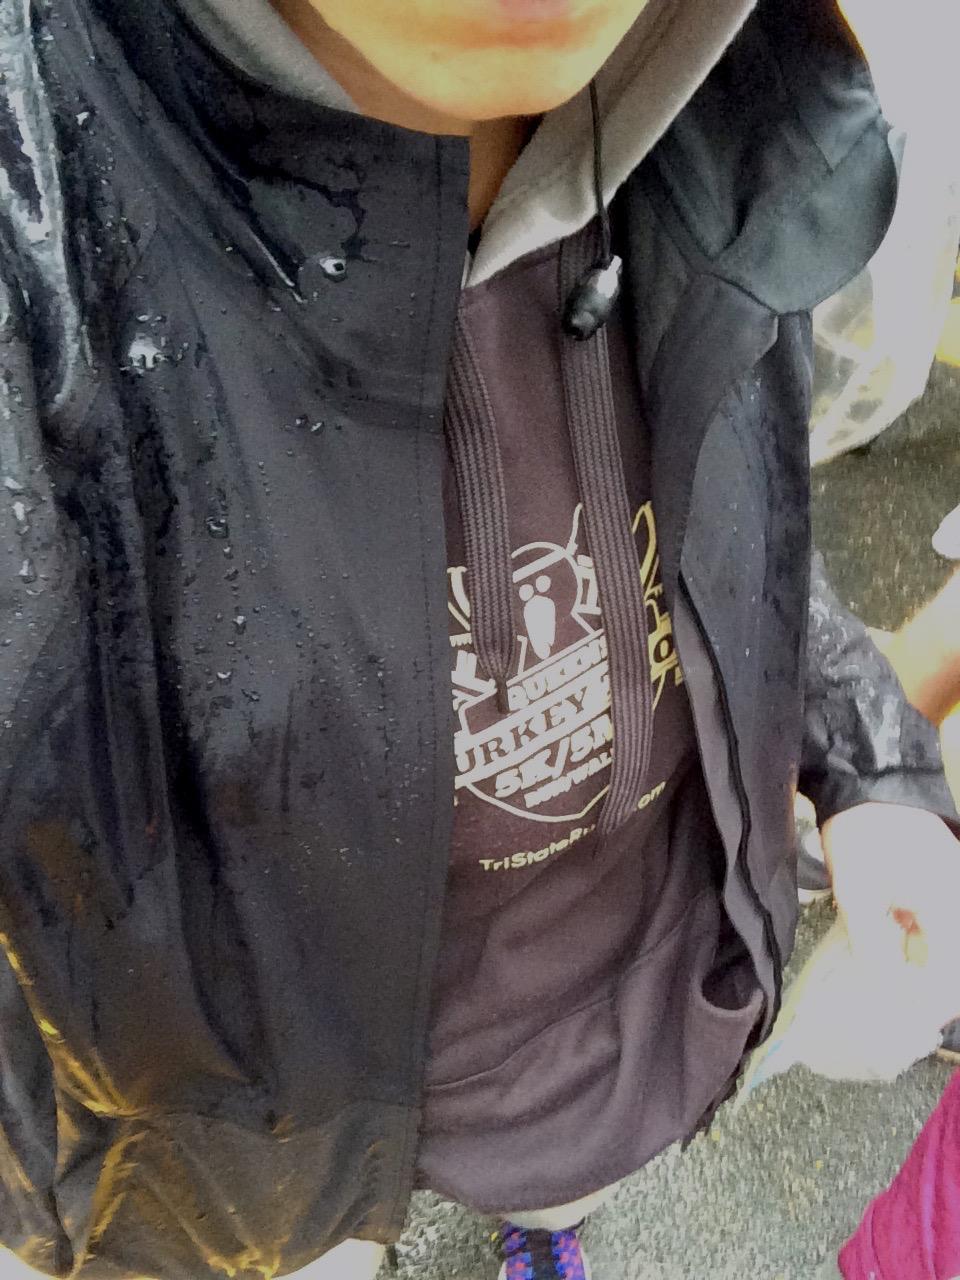 Throwaway sweatshirt hiding under my rain jacket.